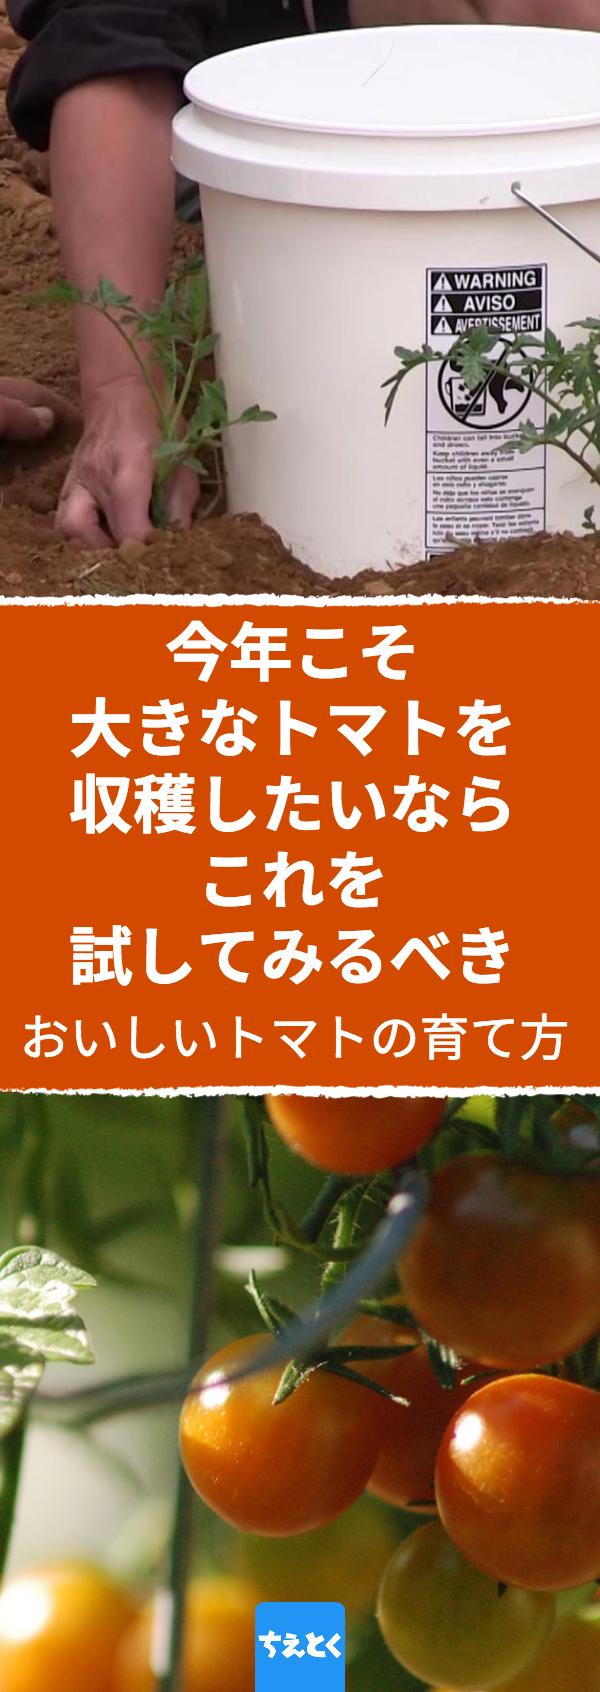 味が濃厚で果肉がみっちり詰まったおいしいトマトの育て方のコツ